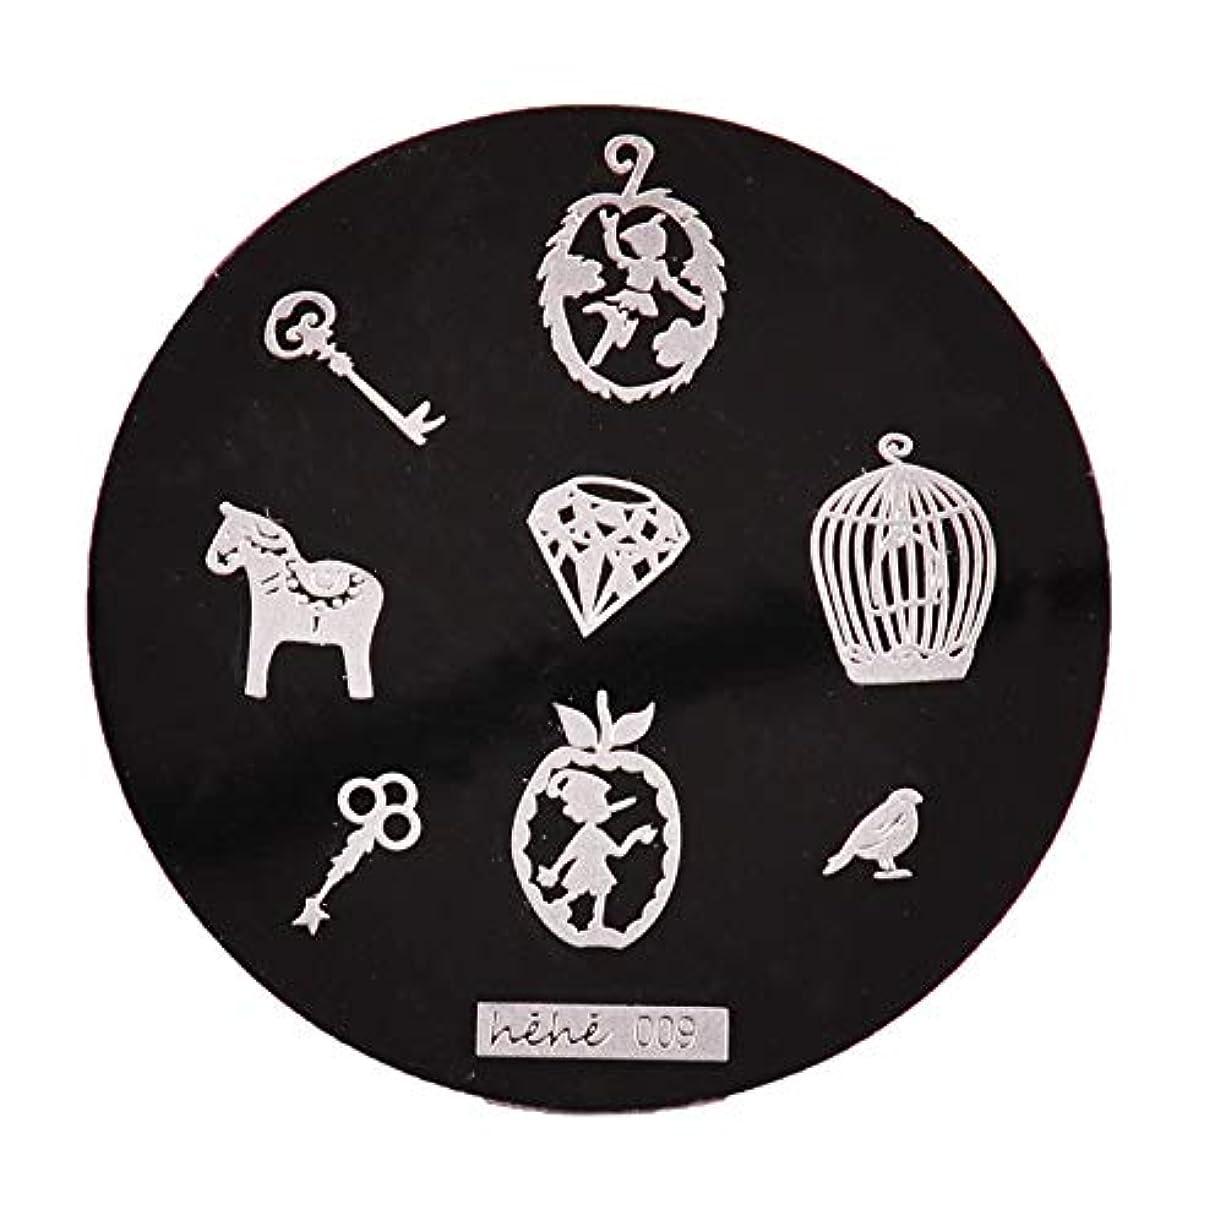 刻む急流付属品Yoshilimen スマートネイルアートネイル丸板印刷プレート(None 09)